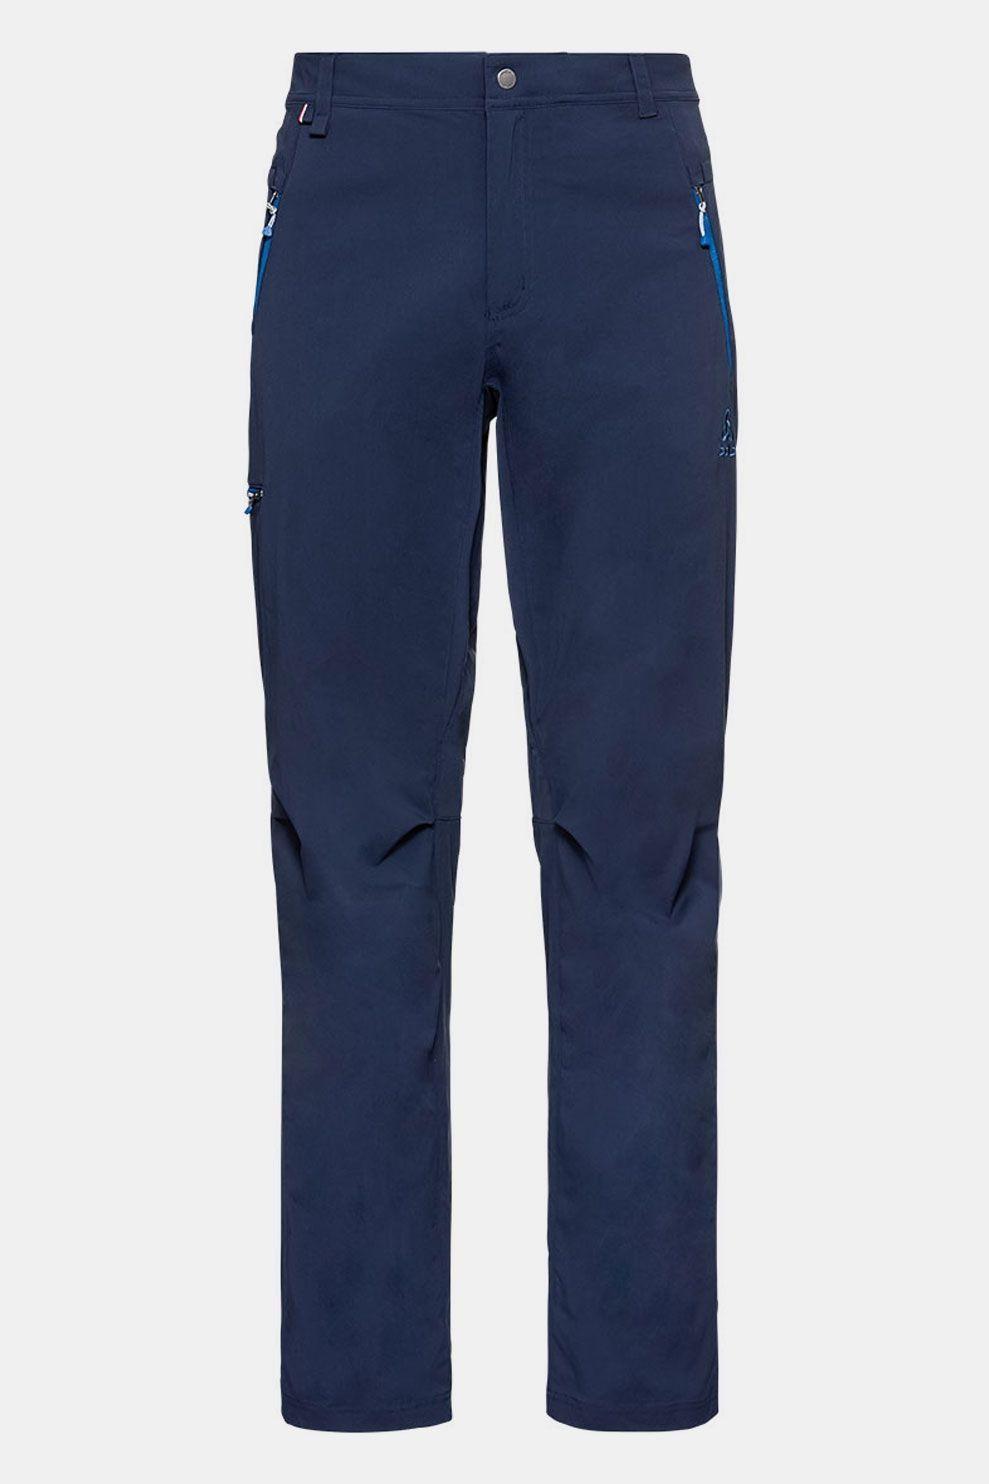 Odlo Pants Wedgemount Broek Donkerblauw Marineblauw